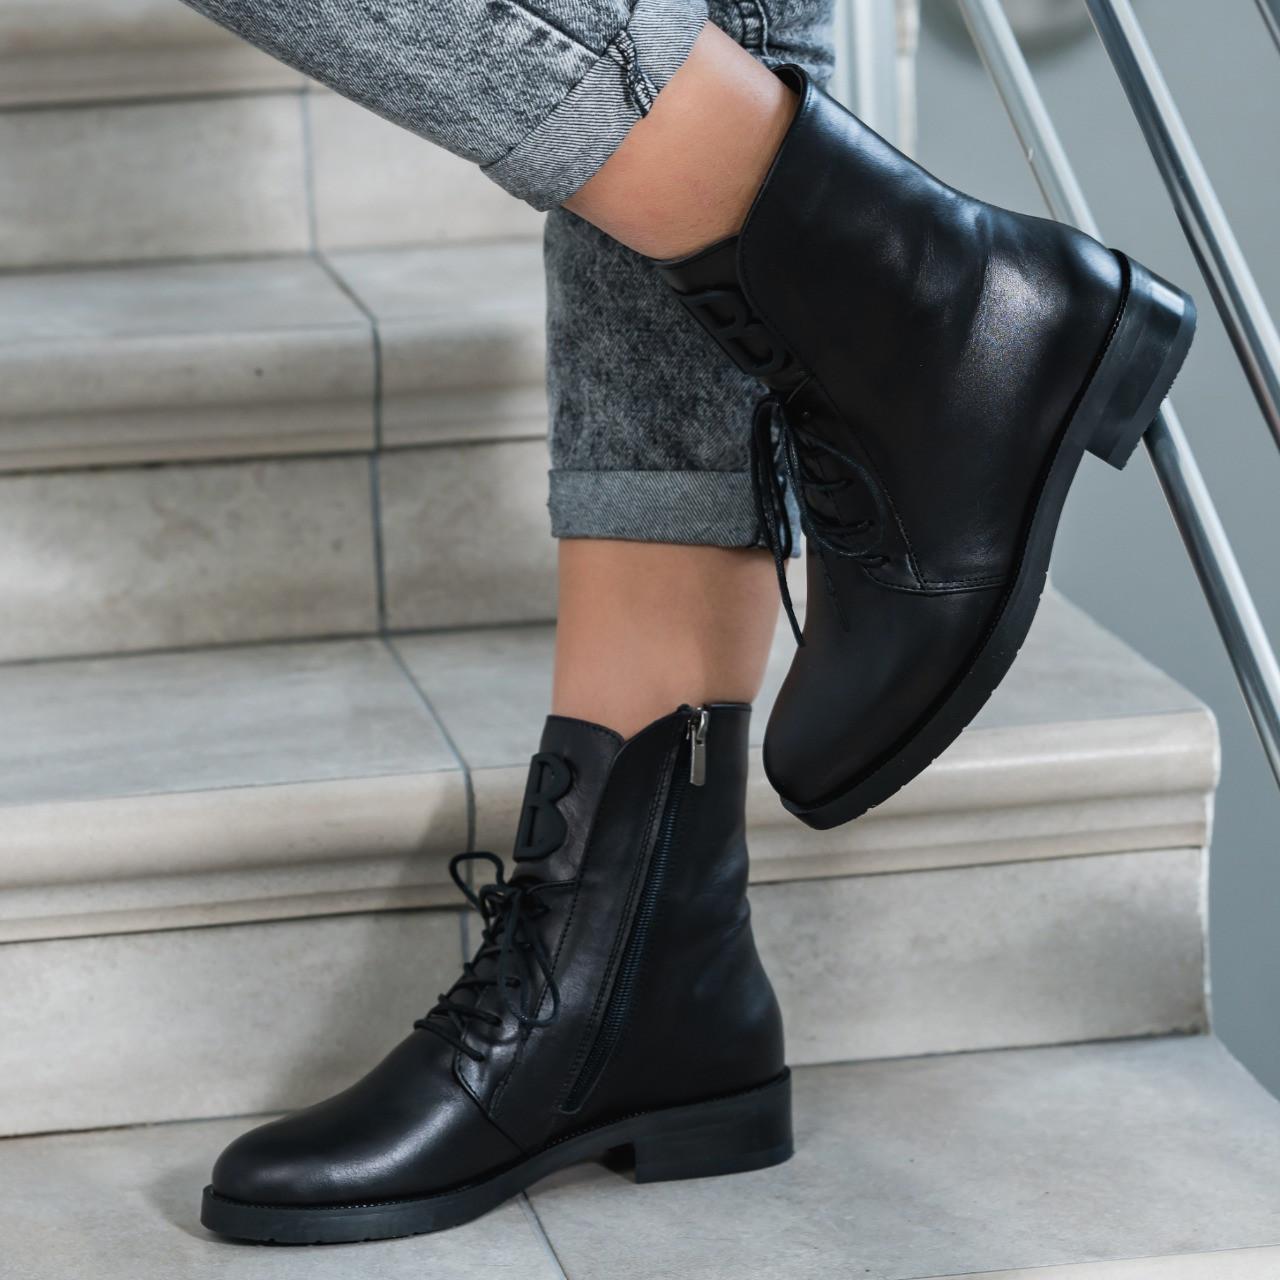 Ботинки женские черные натуральная итальянская кожа на байке высокие на шнурках весение